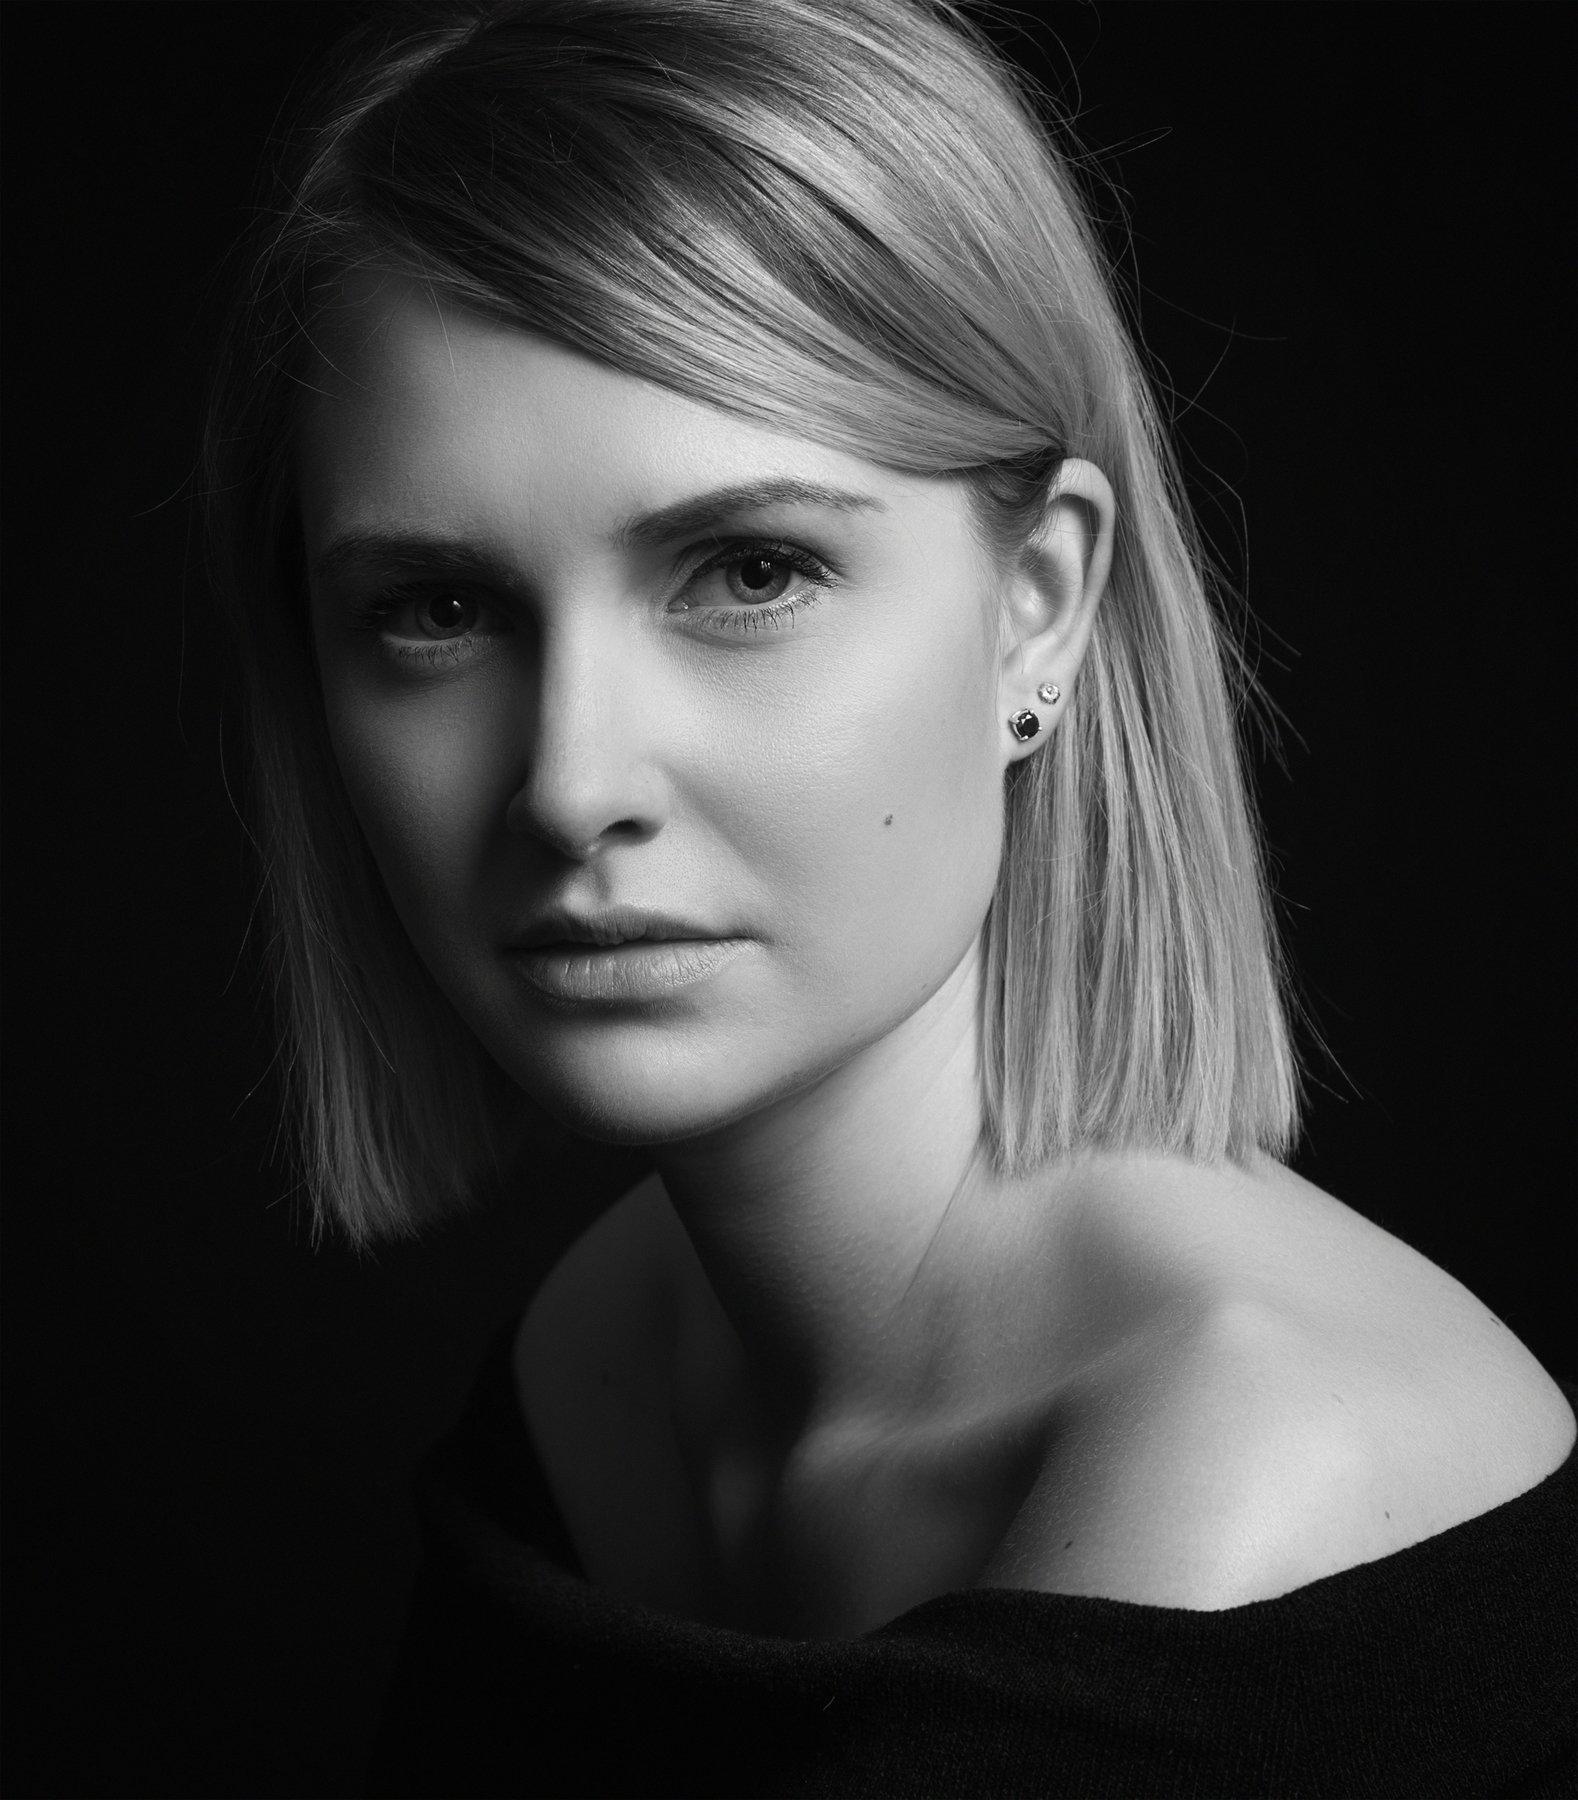 портрет,жанровый портрет , женщина, черно -белое, девушка, wb , красивая ,взгляд, Наталия Холодова